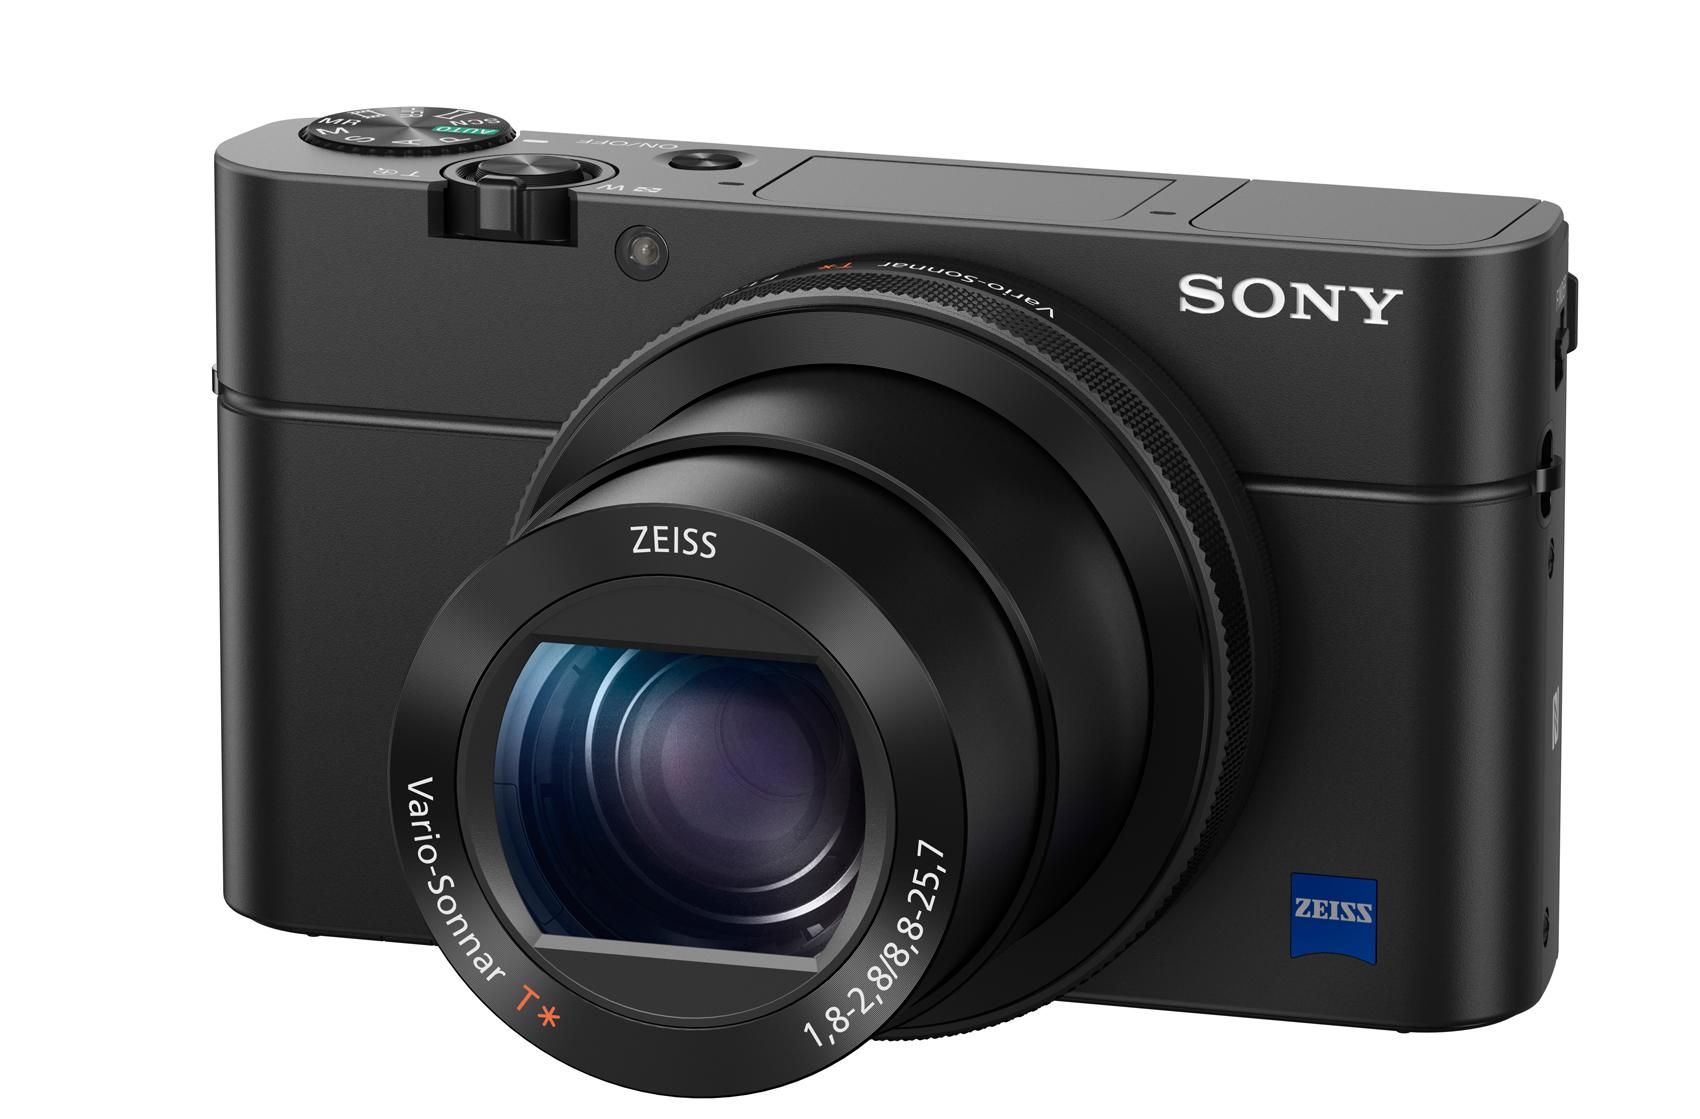 Sony -DSC-RX100 IV